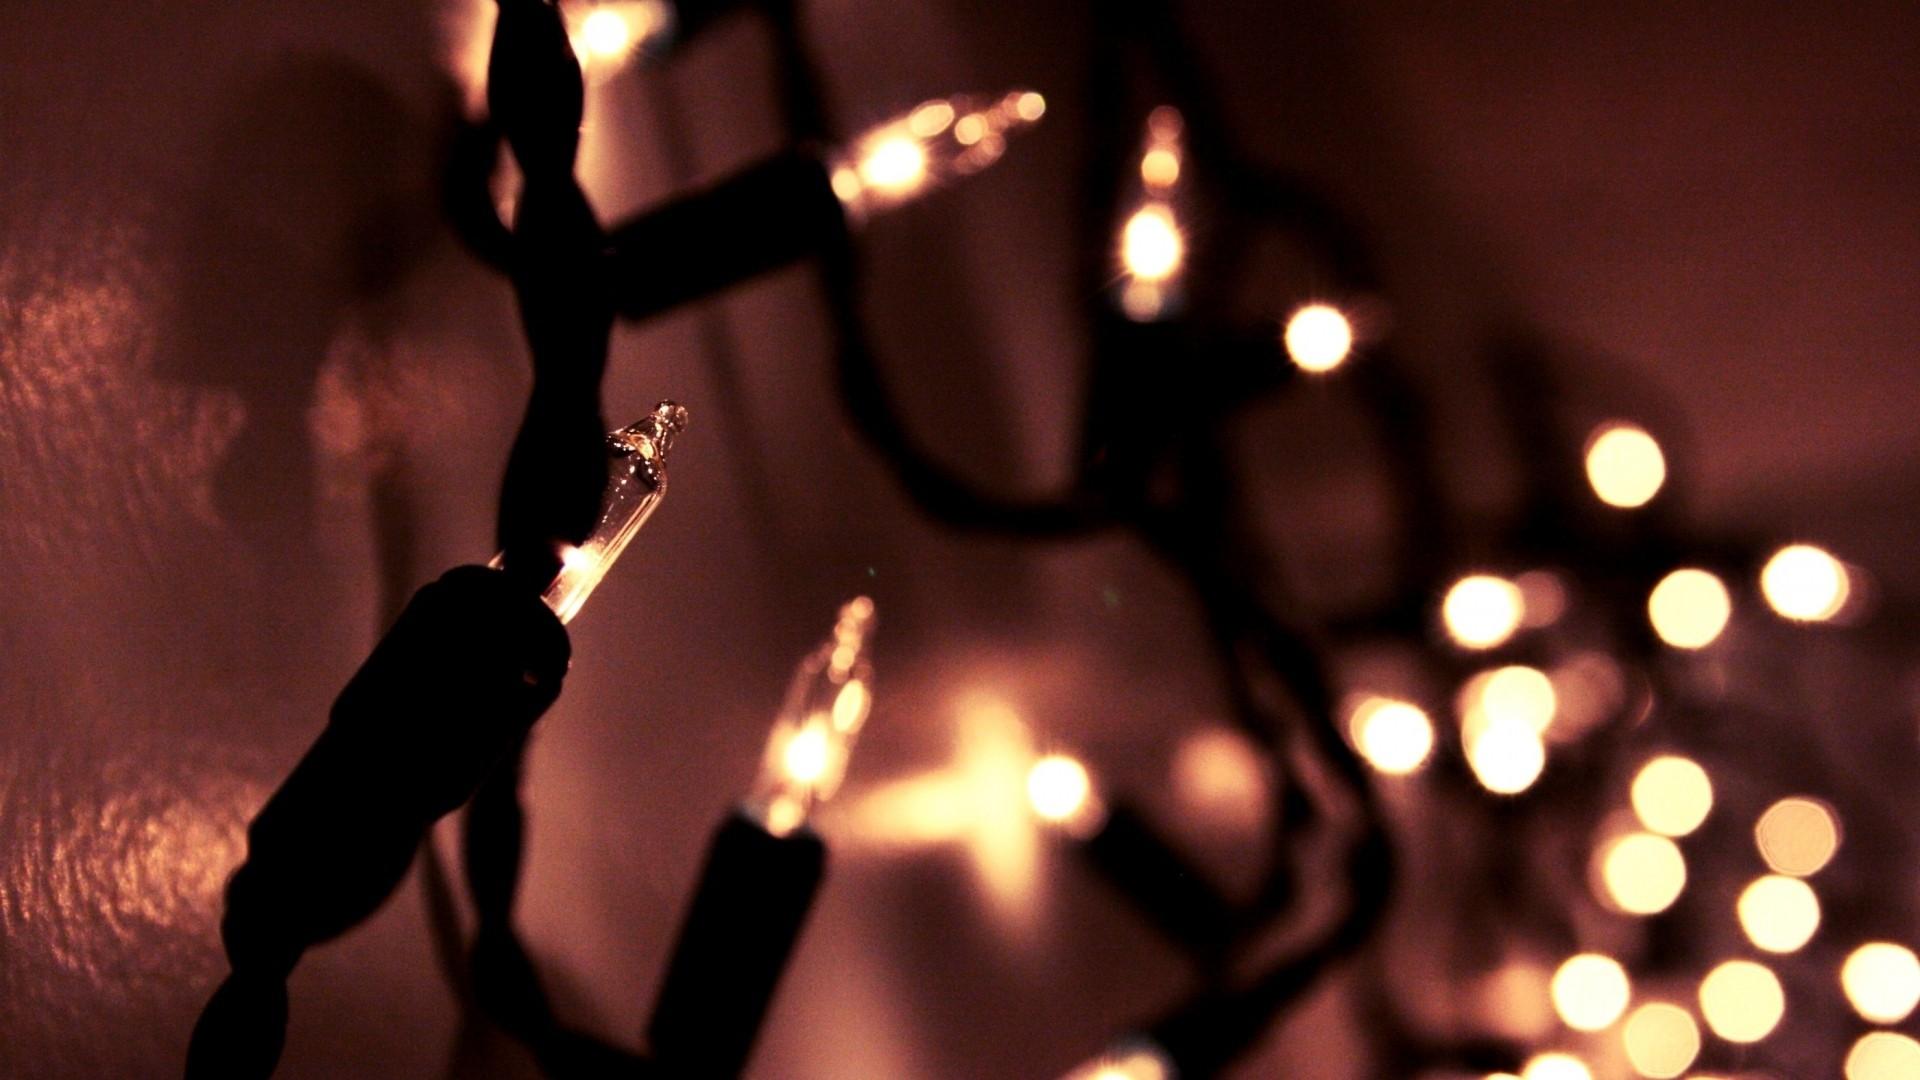 Aesthetic Christmas Desktop Wallpaper